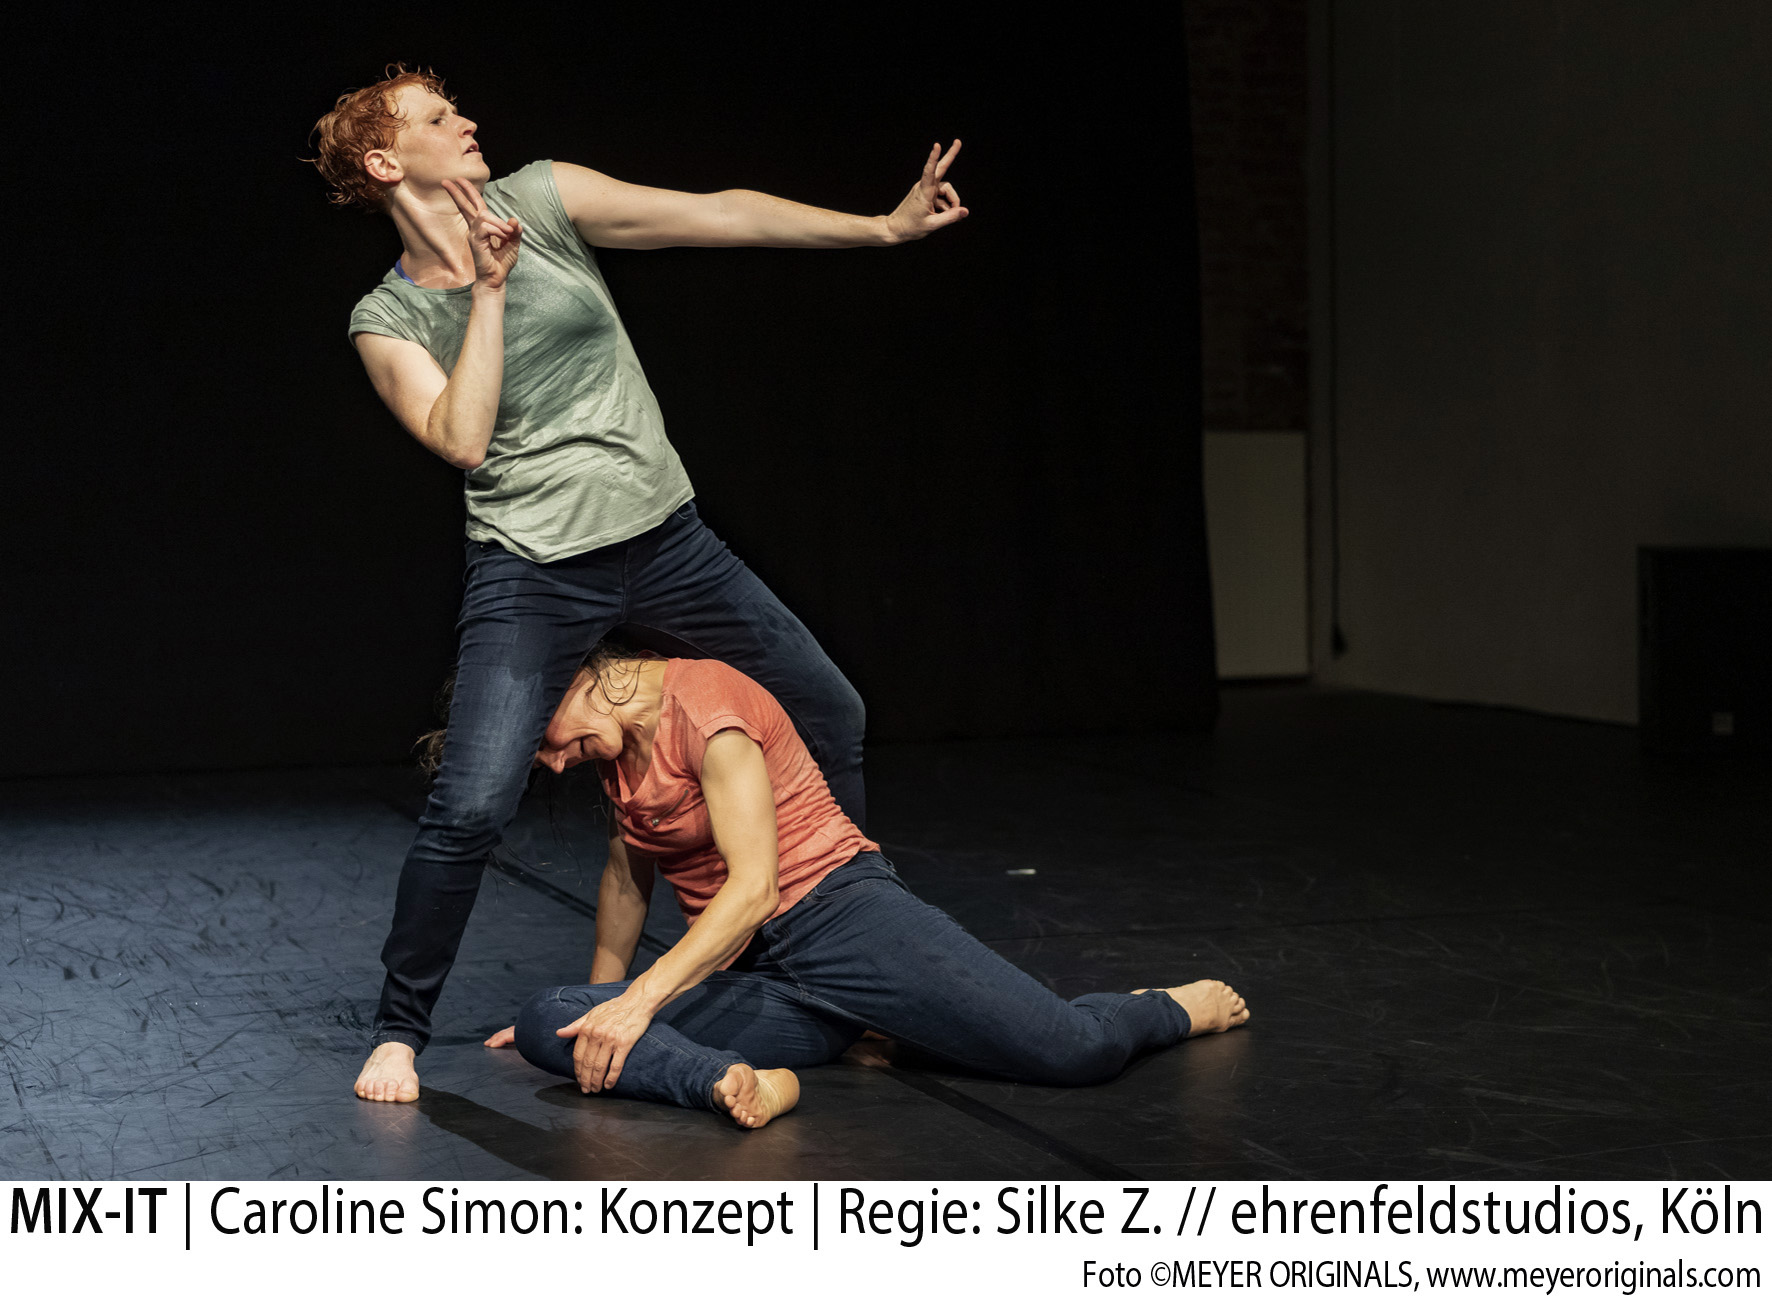 MIX-IT Caroline Simon: Konzept / Performance in Zusammenarbeit mit: Ulrike Doszmann: Performance Silke Z.: Regie / Dramaturgie Lichtdesign: Garlef Keßler Veranstaltungsort: ehrenfeldstudios, Wissmannstrasse 38, 50823 Köln